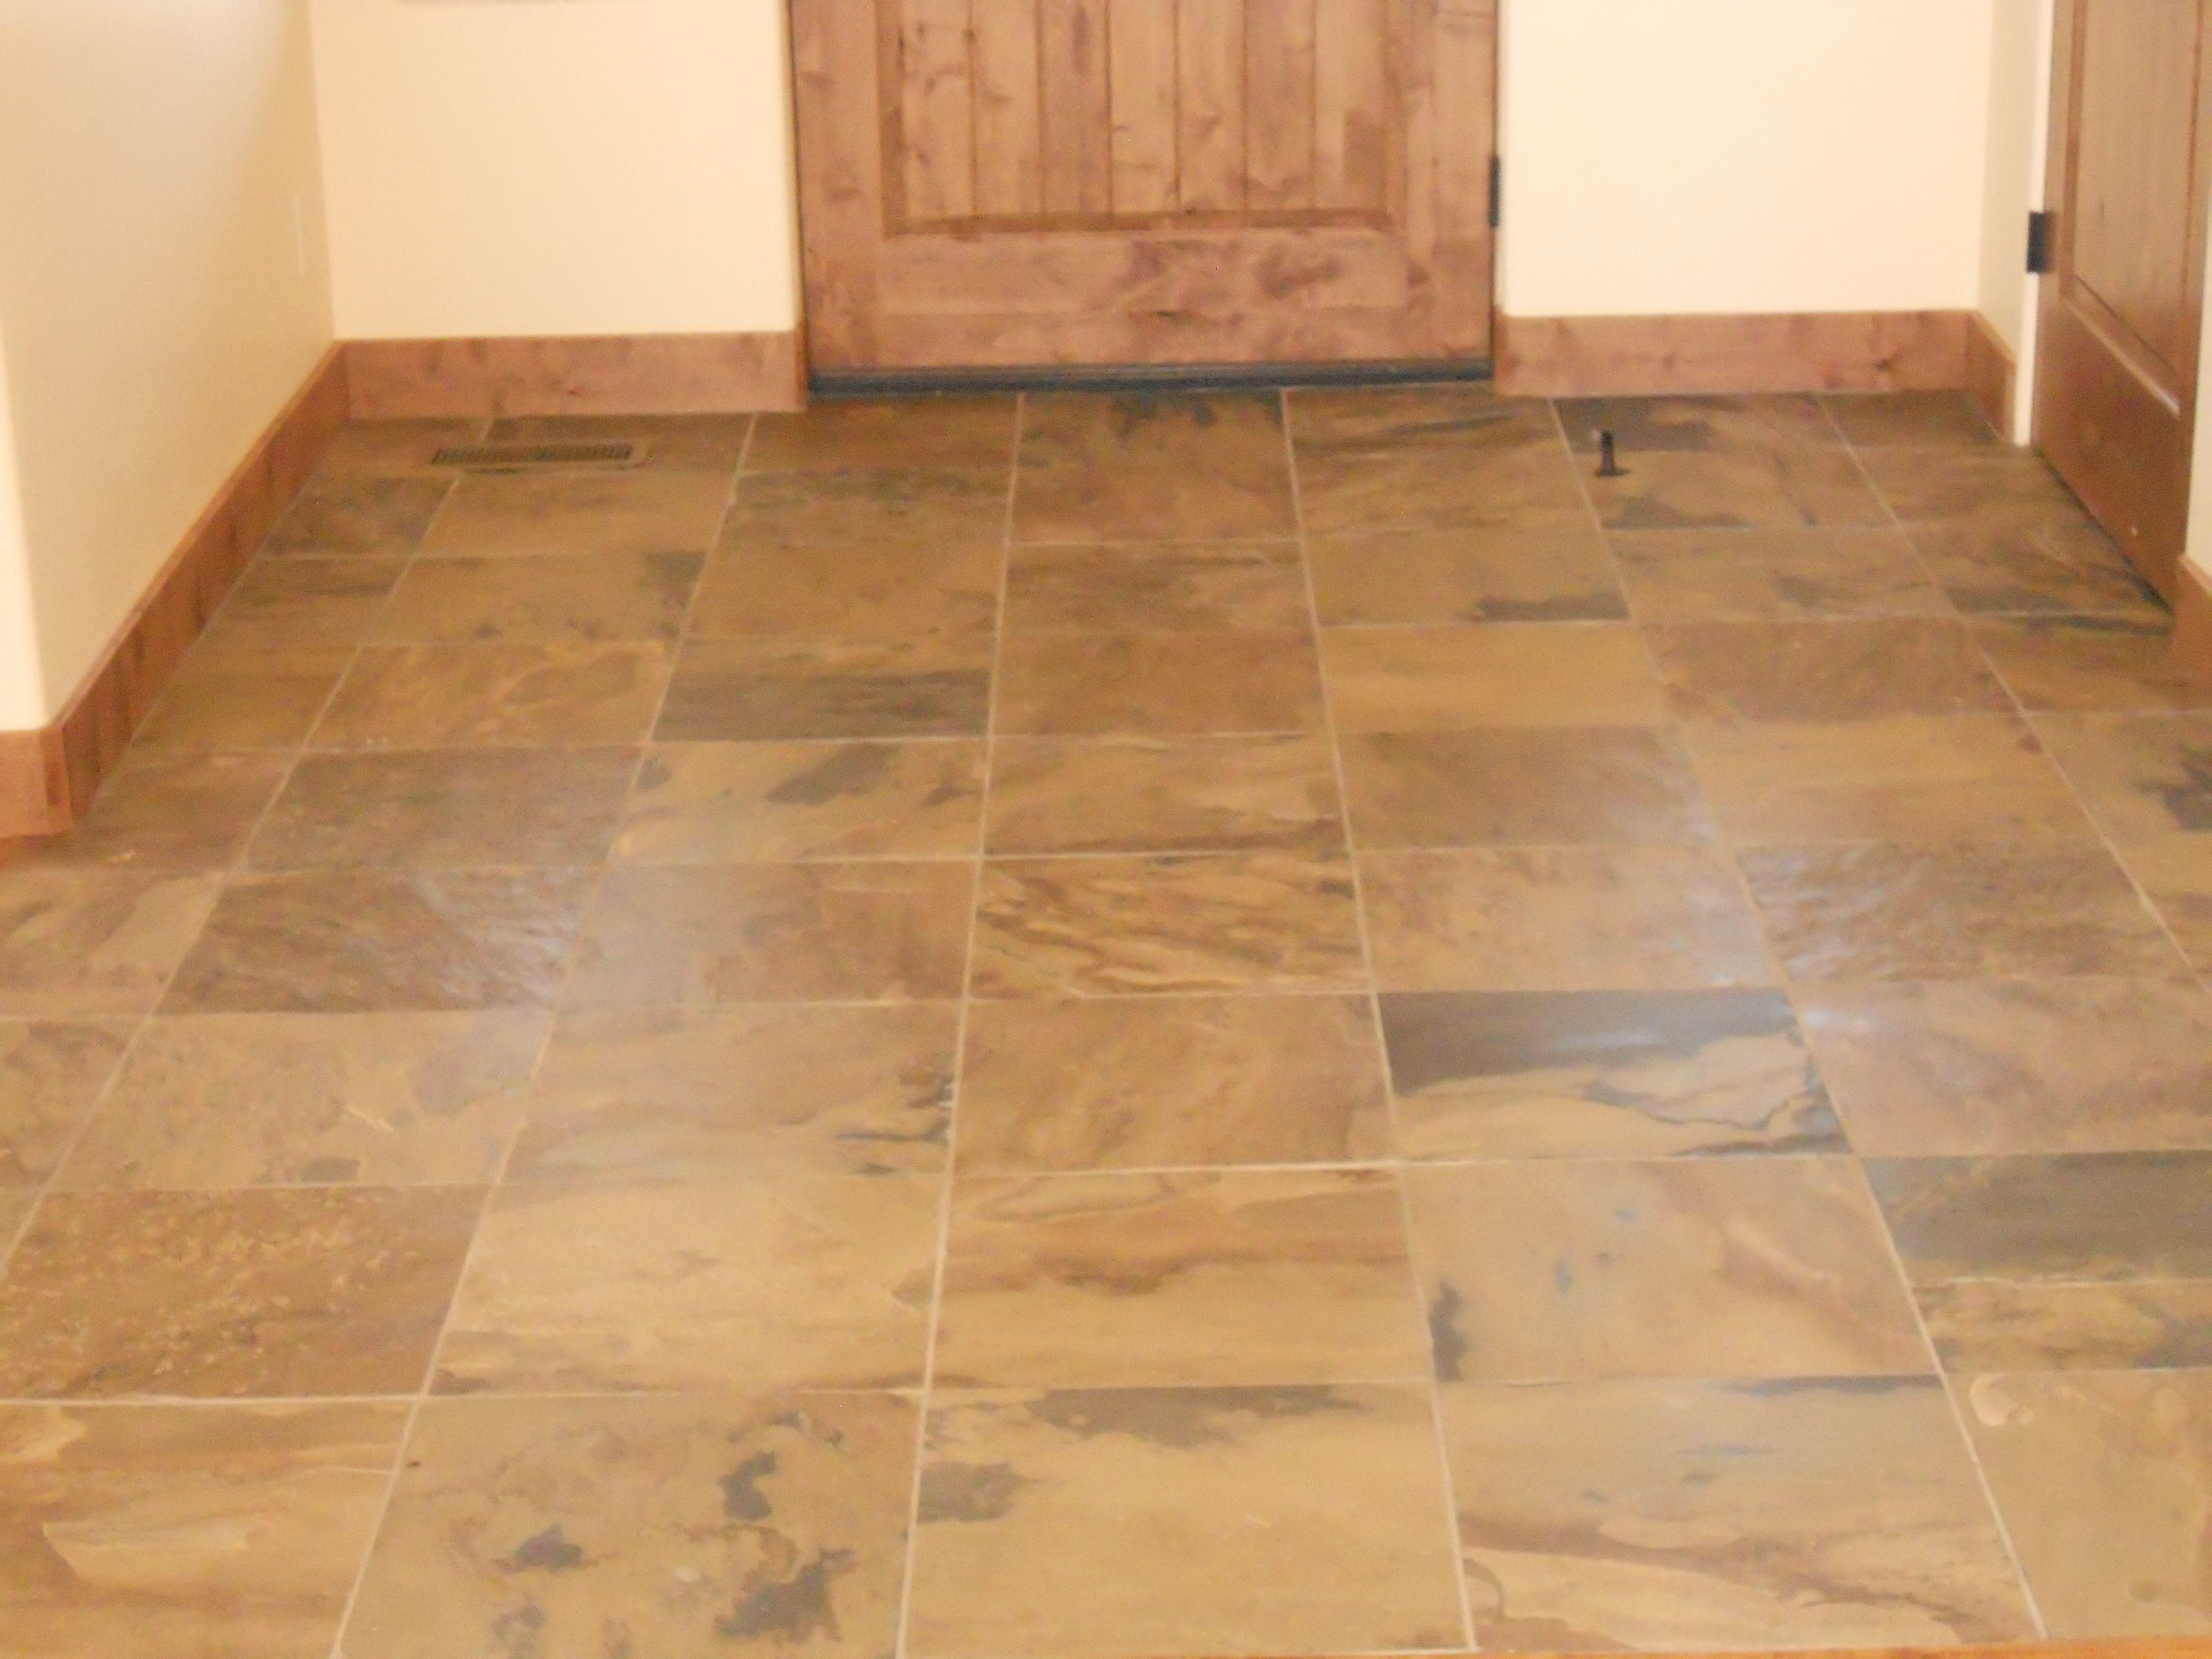 Tile floor by Mingus Tile in Prescott, AZ. Tile floor